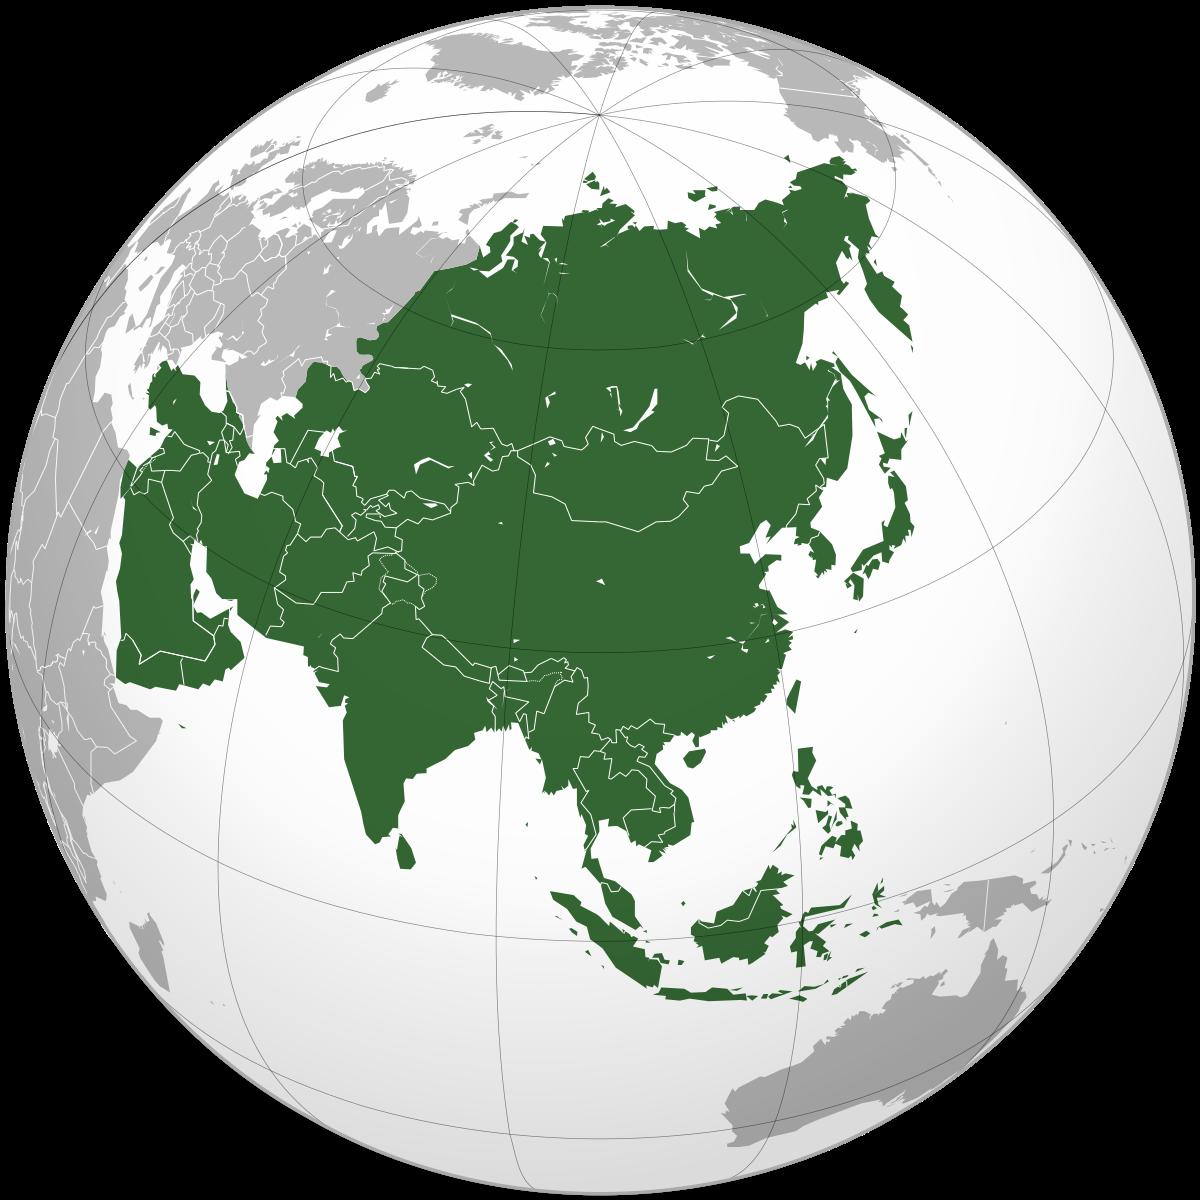 قارة آسيا